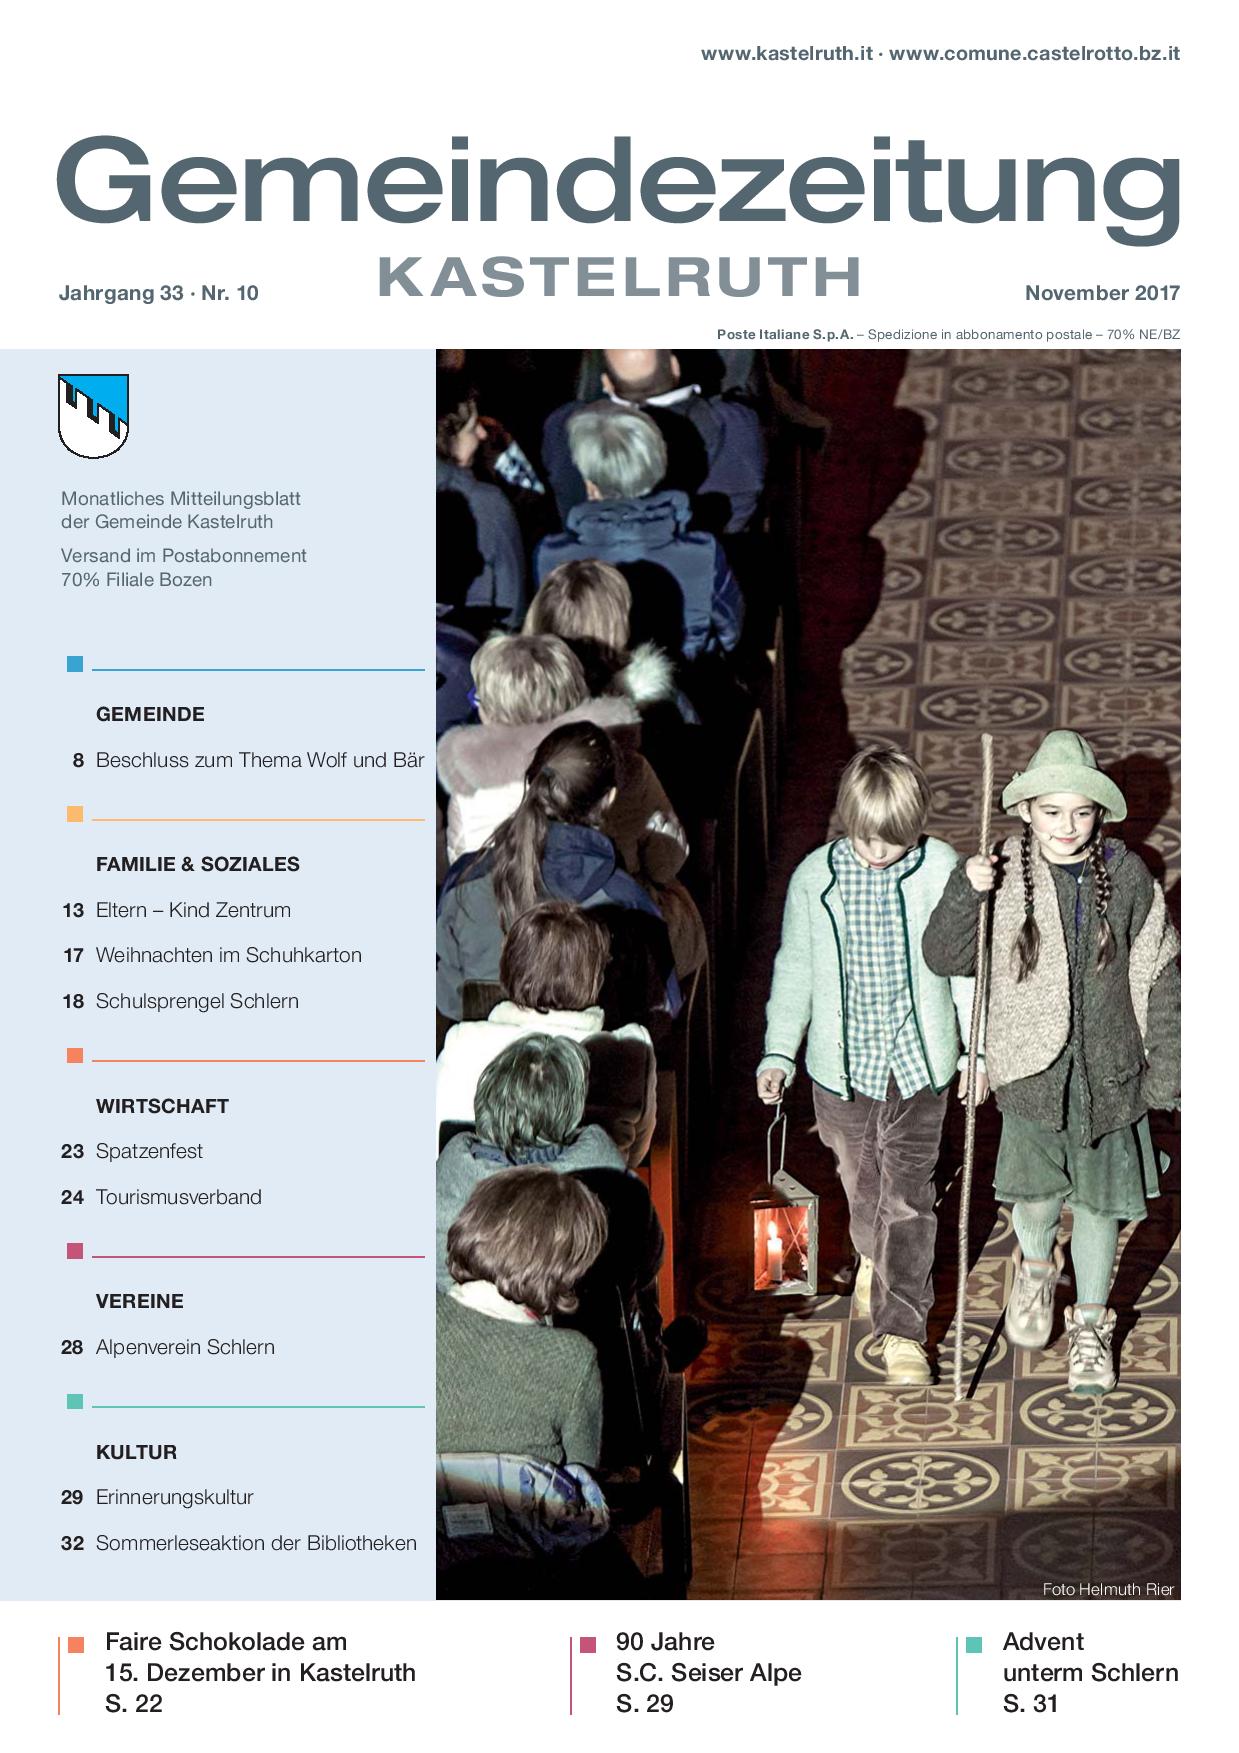 mensile Comune di Castelrotto - edizione novembre 2017 ...